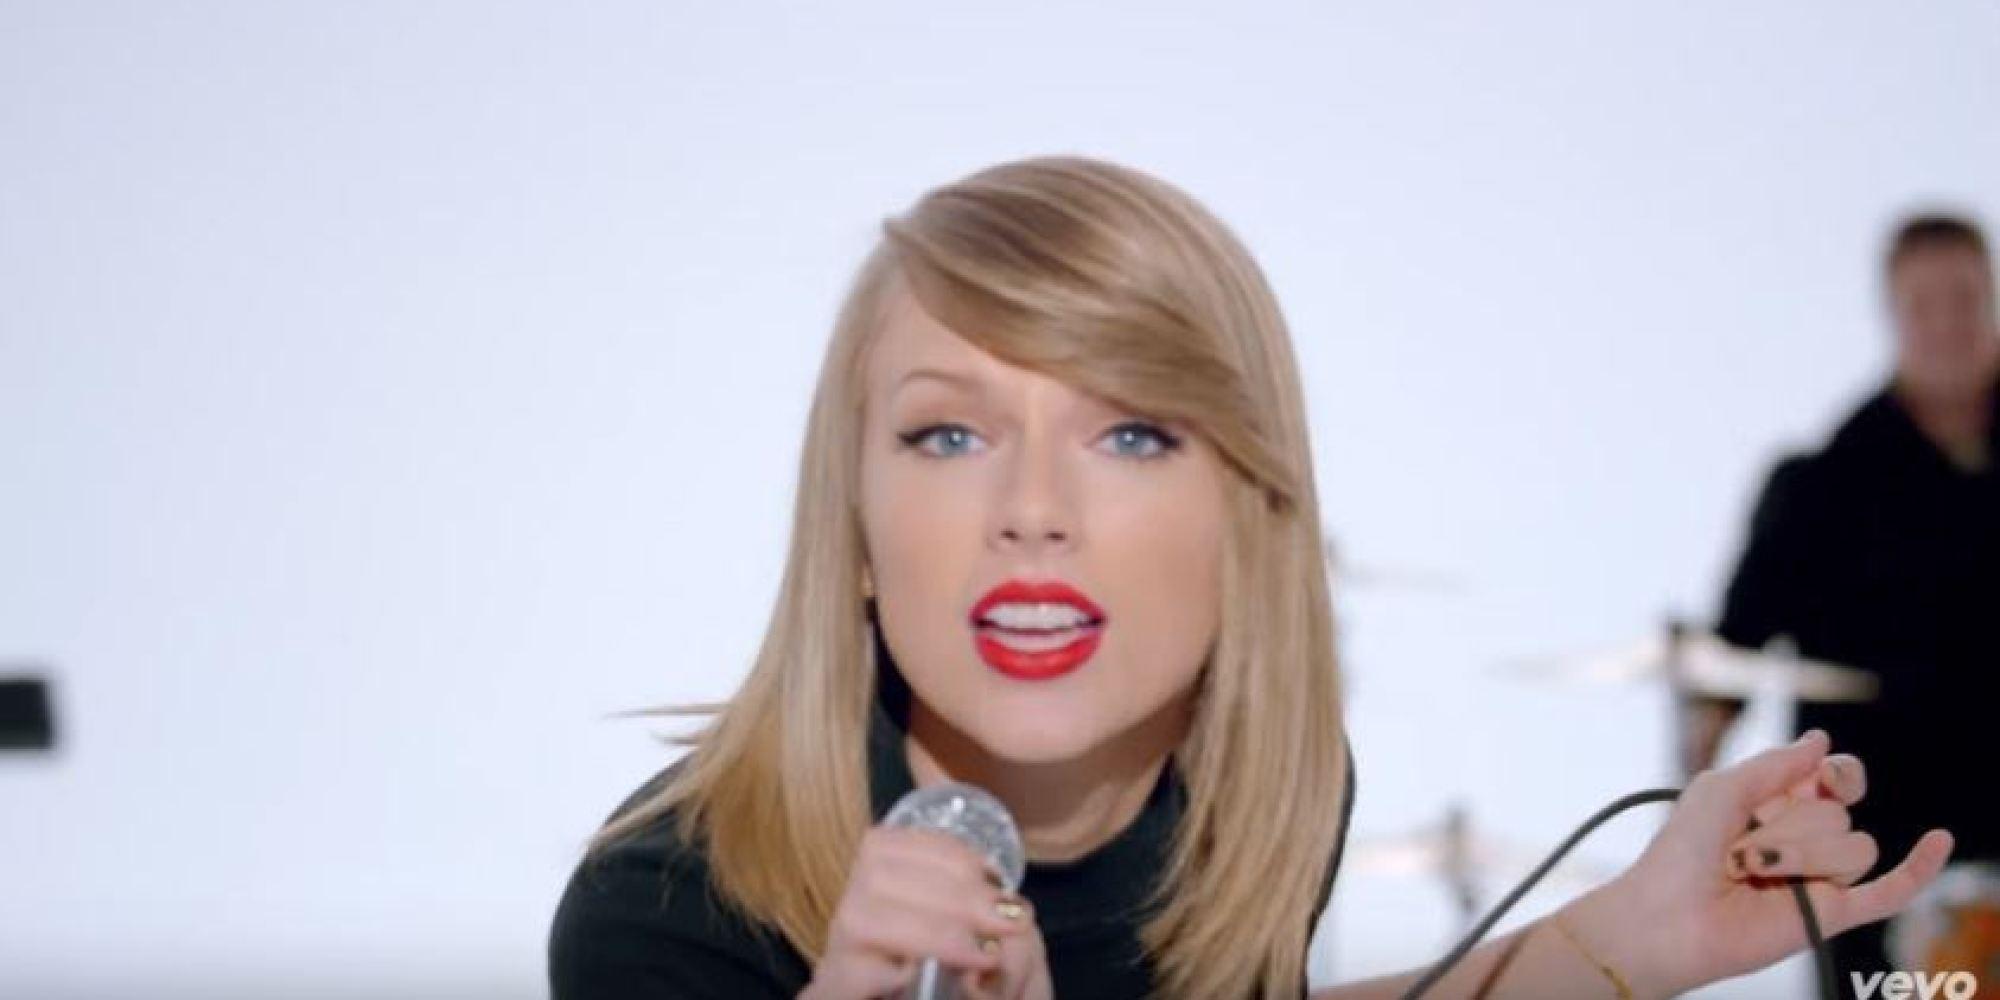 VIDÉOS. Taylor Swift accusée de plagiat dans les paroles ...